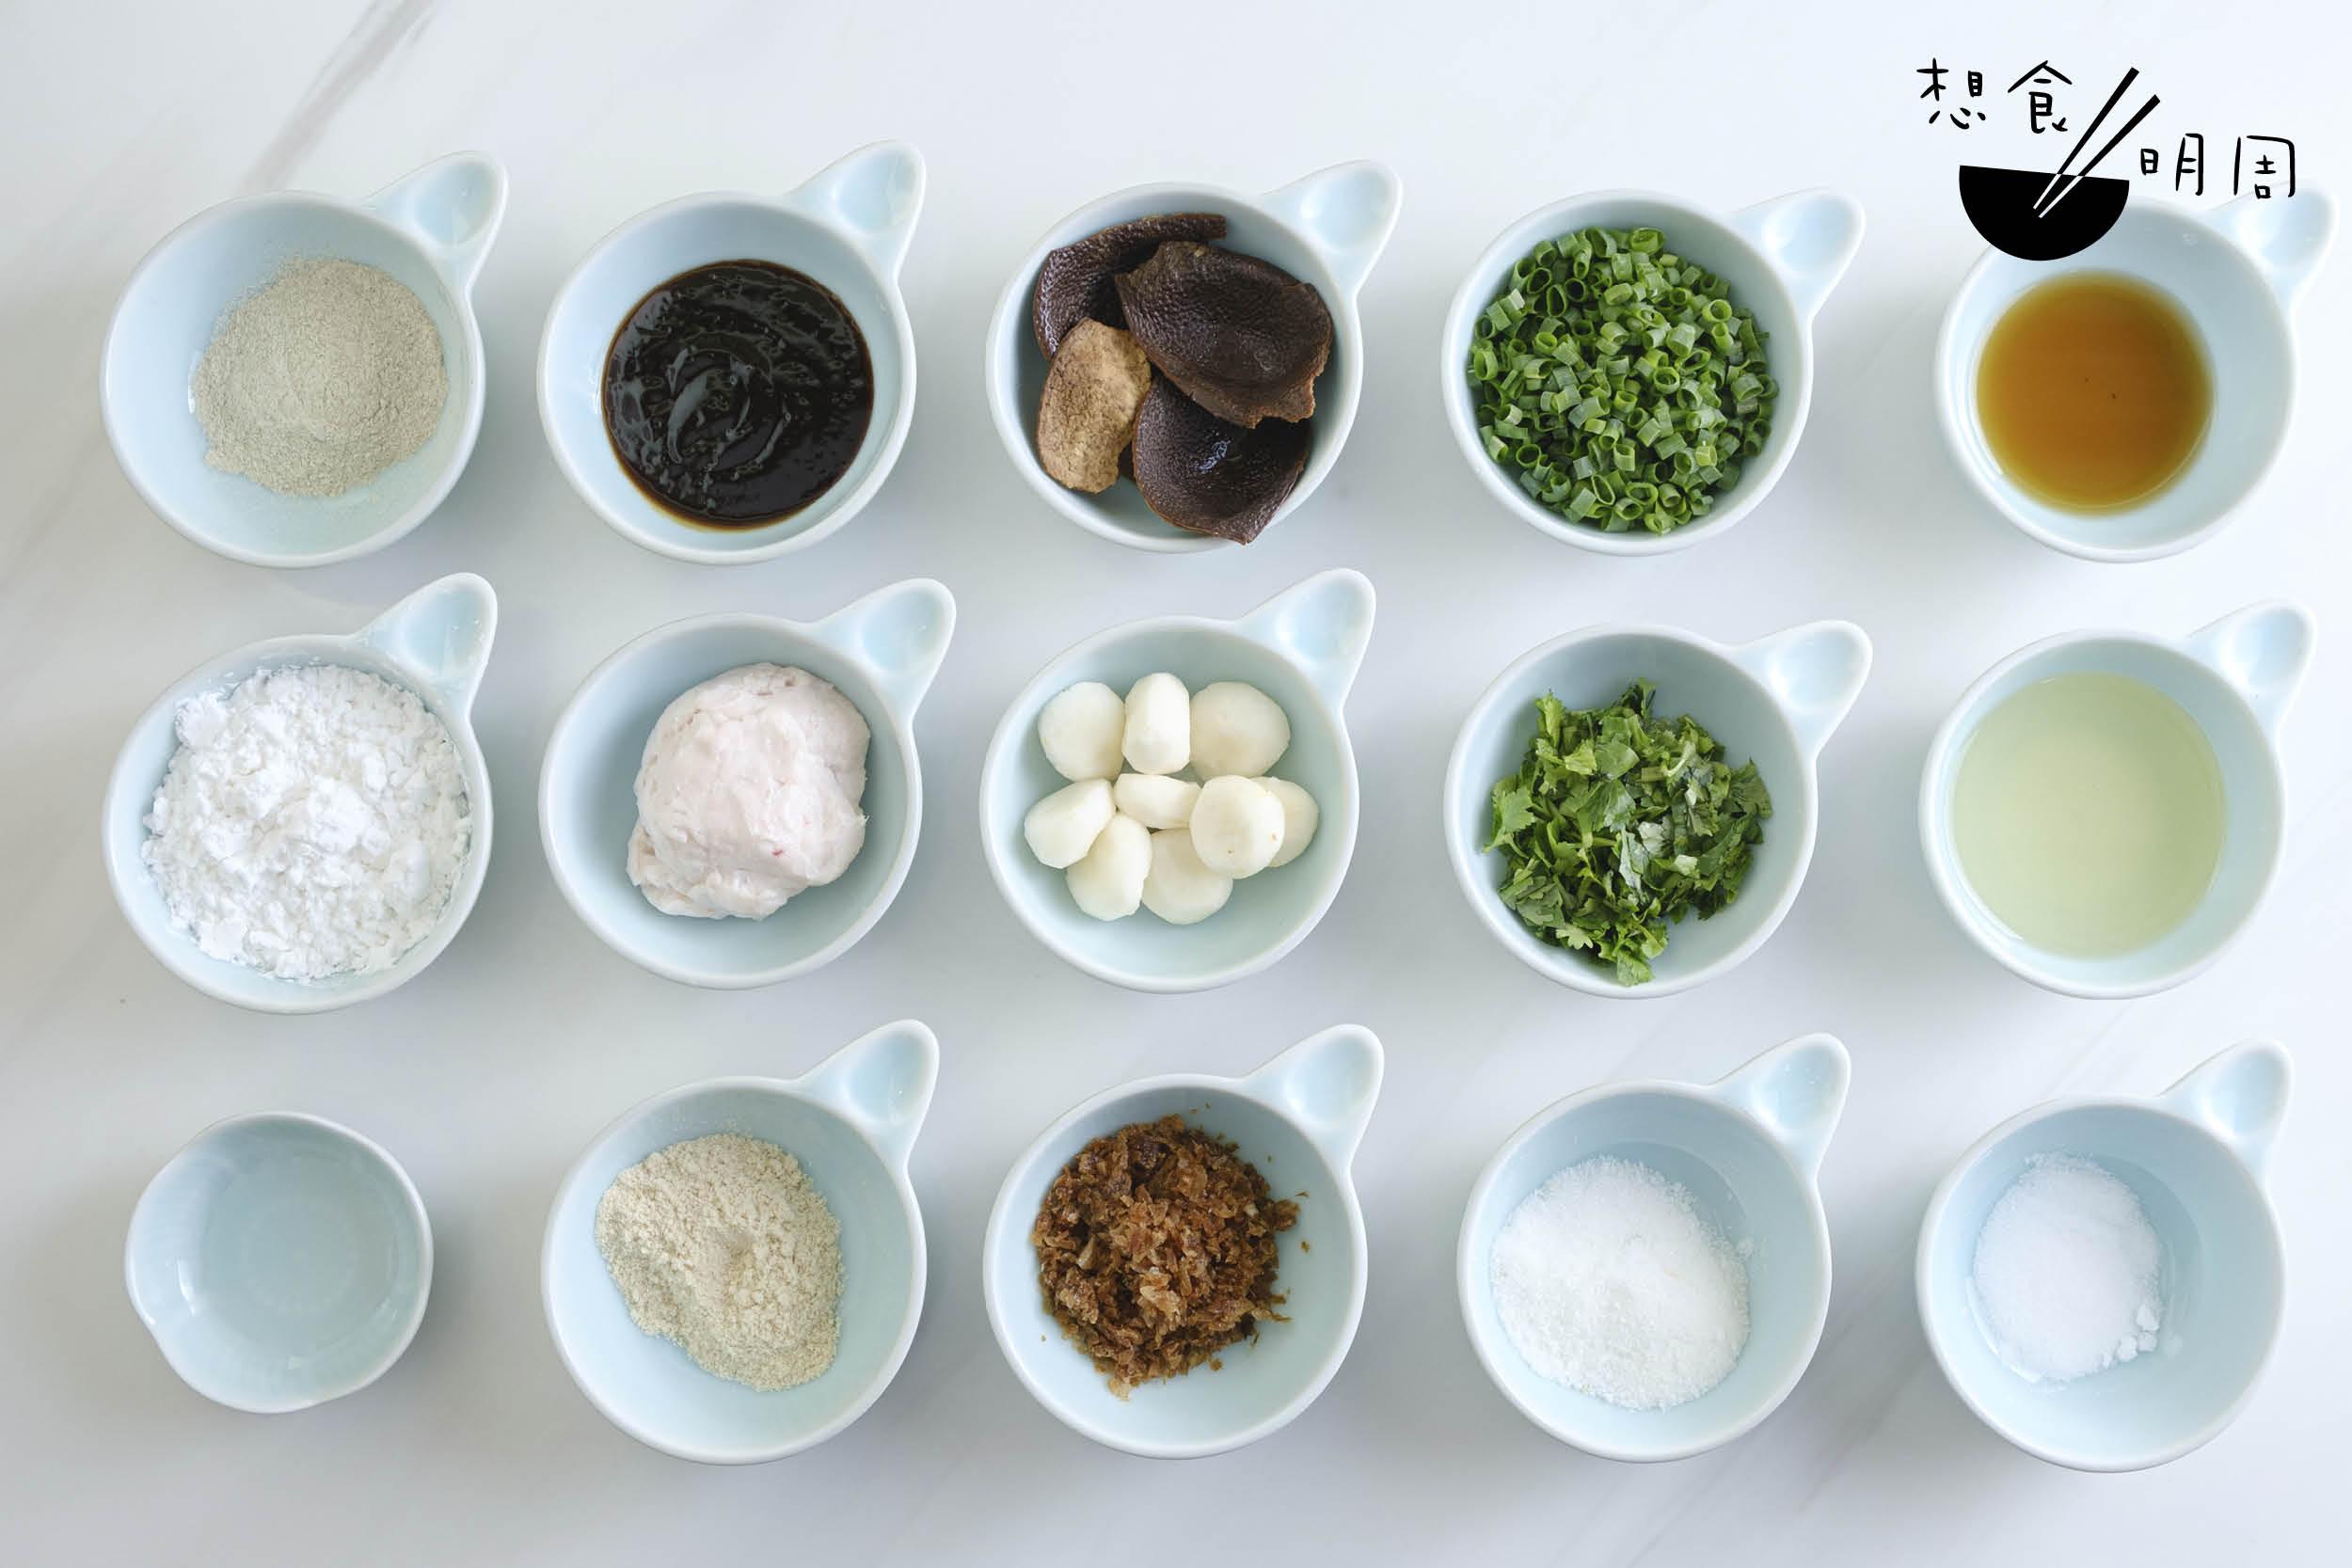 小小一粒牛肉球,都要由十多款配料及調味拌醃搓製。